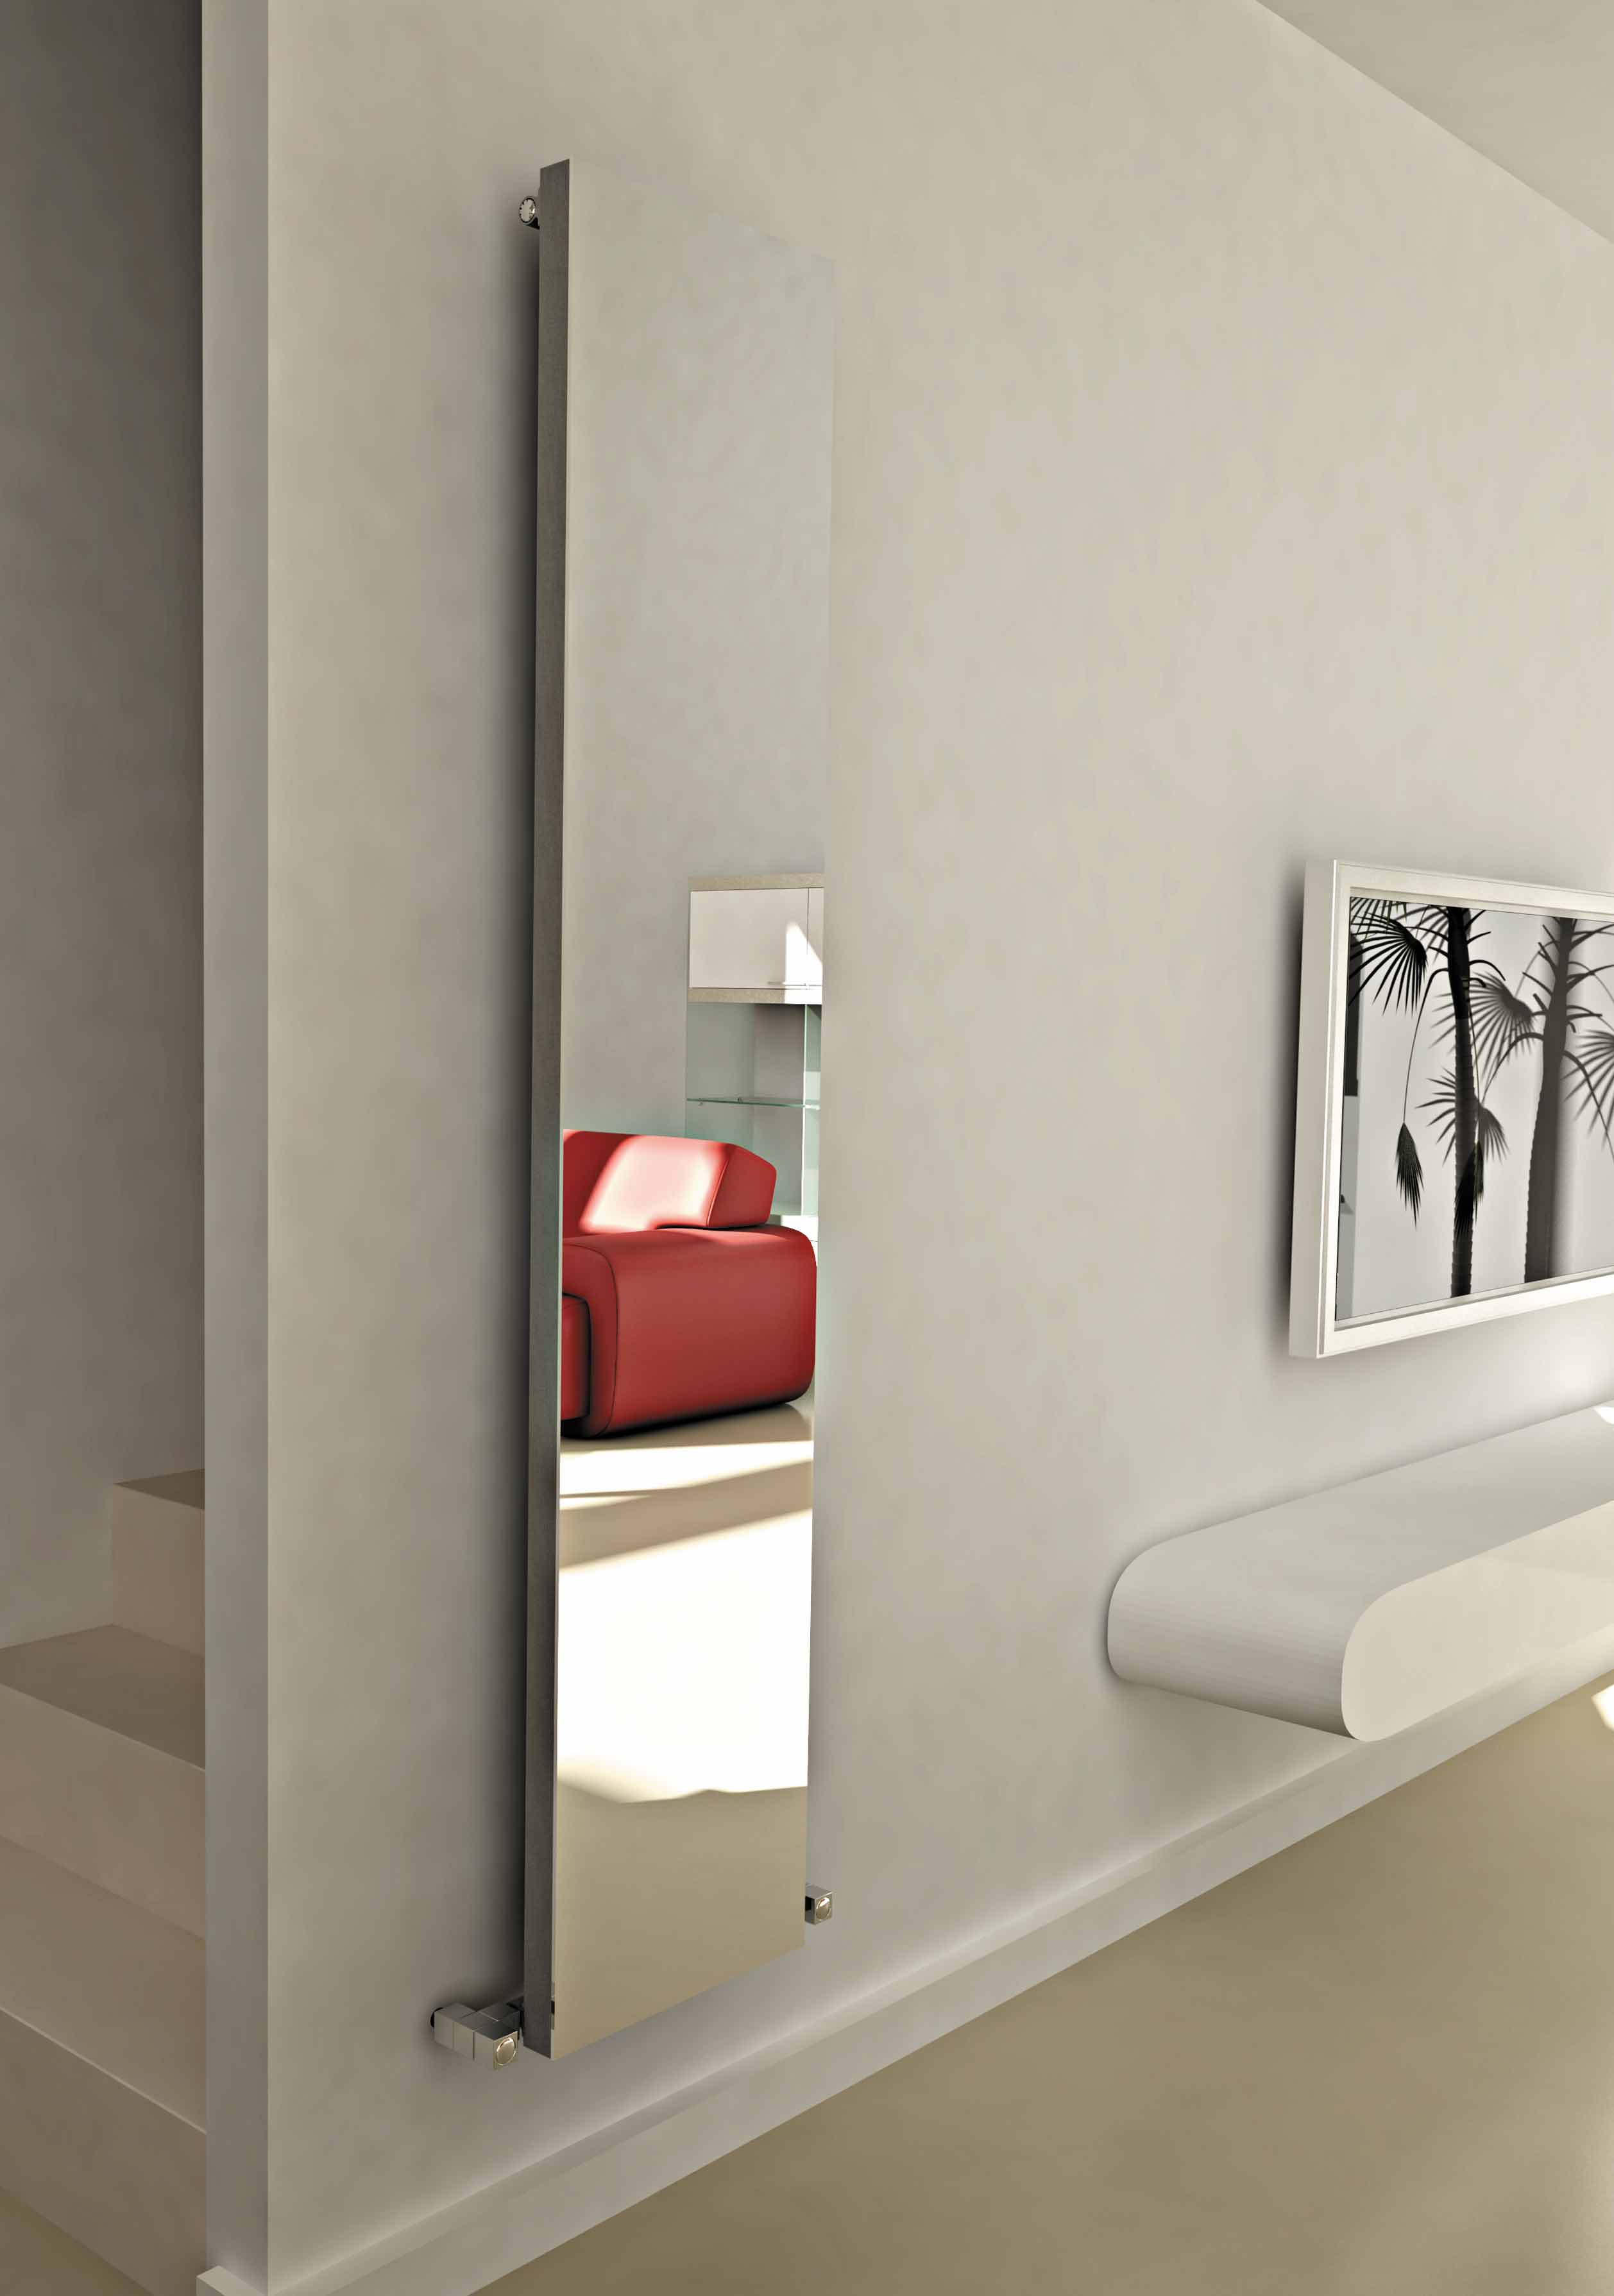 Elvino mirror radiator carisa aluminium designer for Mirror radiator